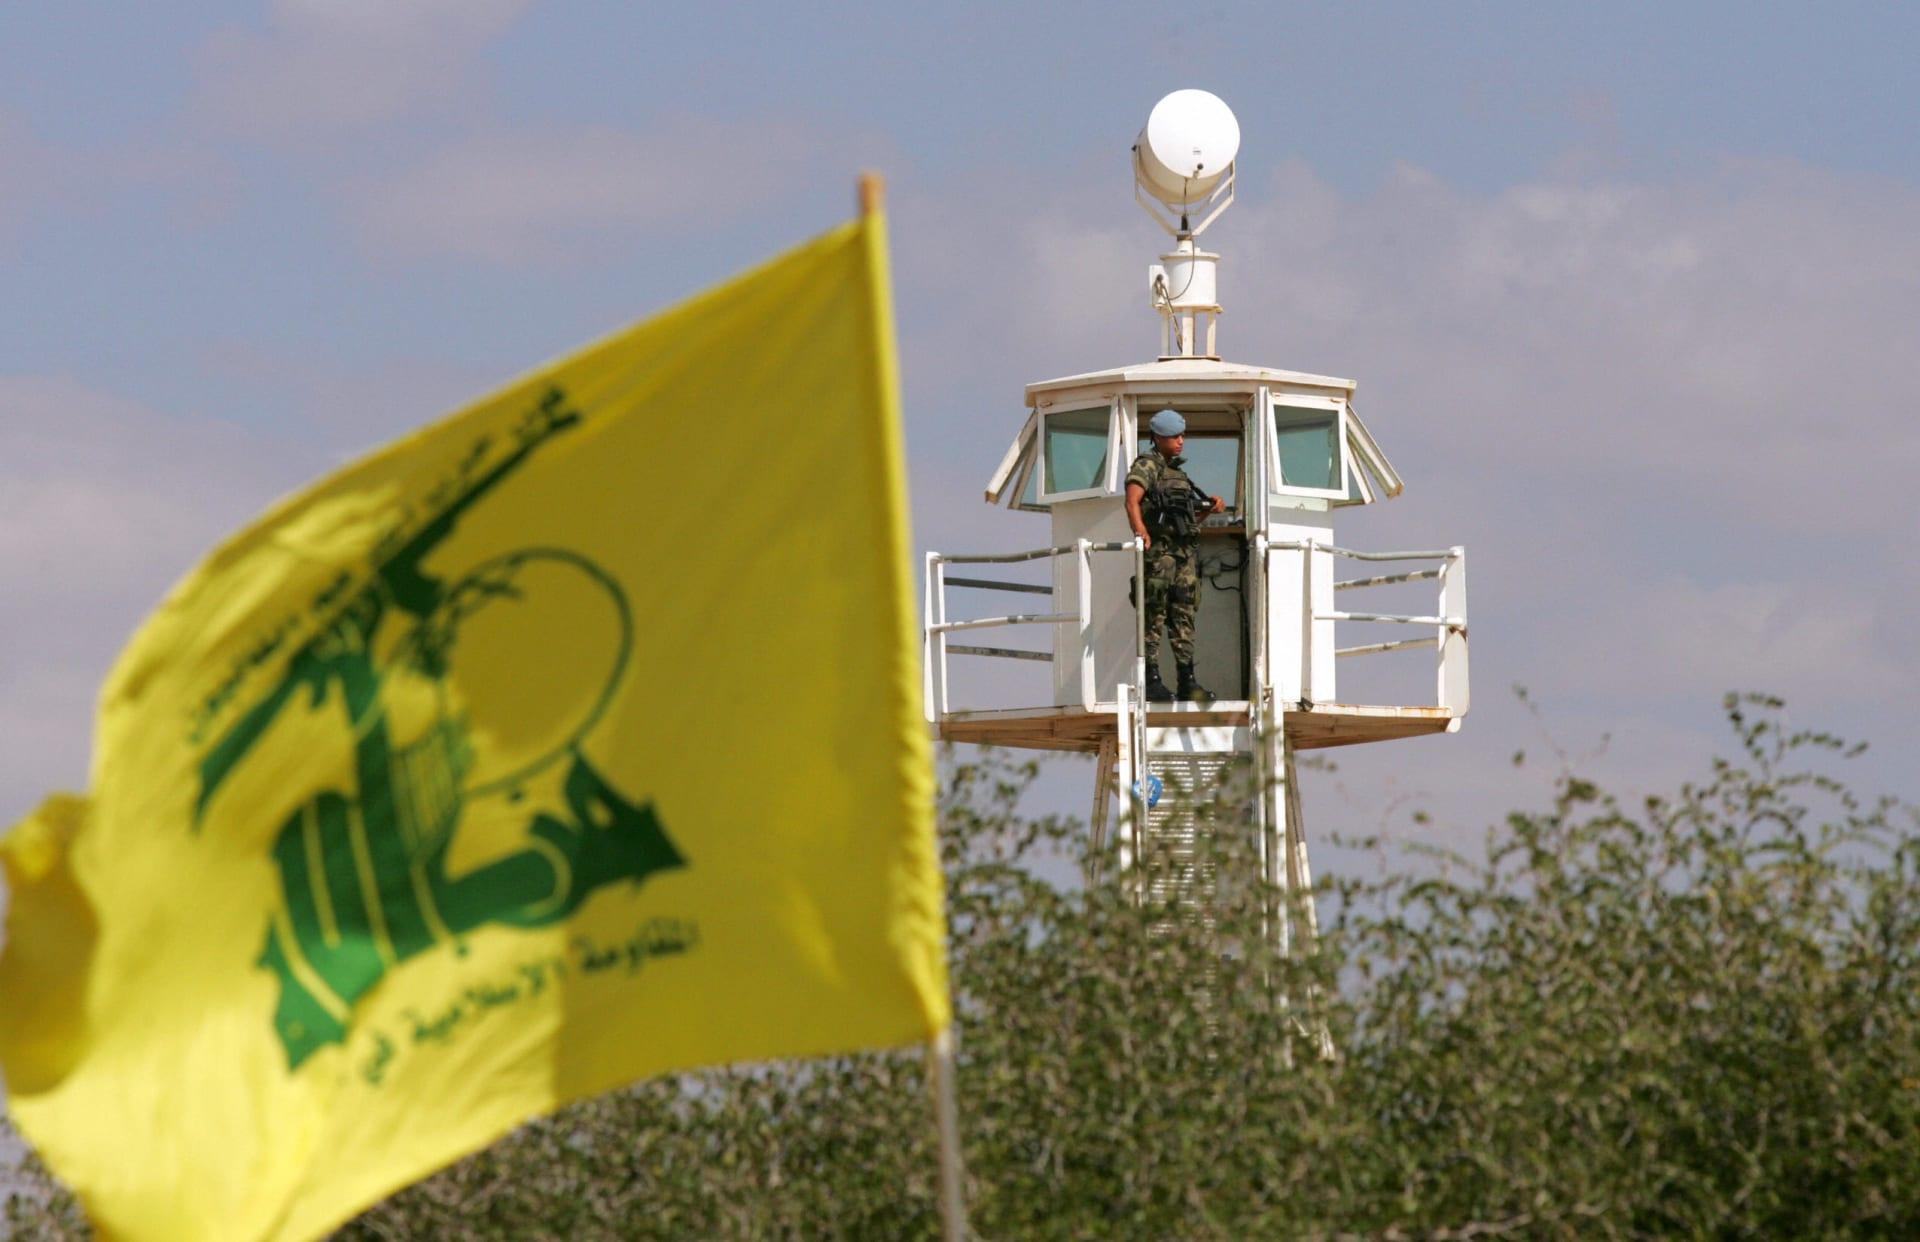 أدرعي يرد على تغريدة لفيصل القاسم حول دور حزب الله في لبنان: يلعب لمصلحة أسياده